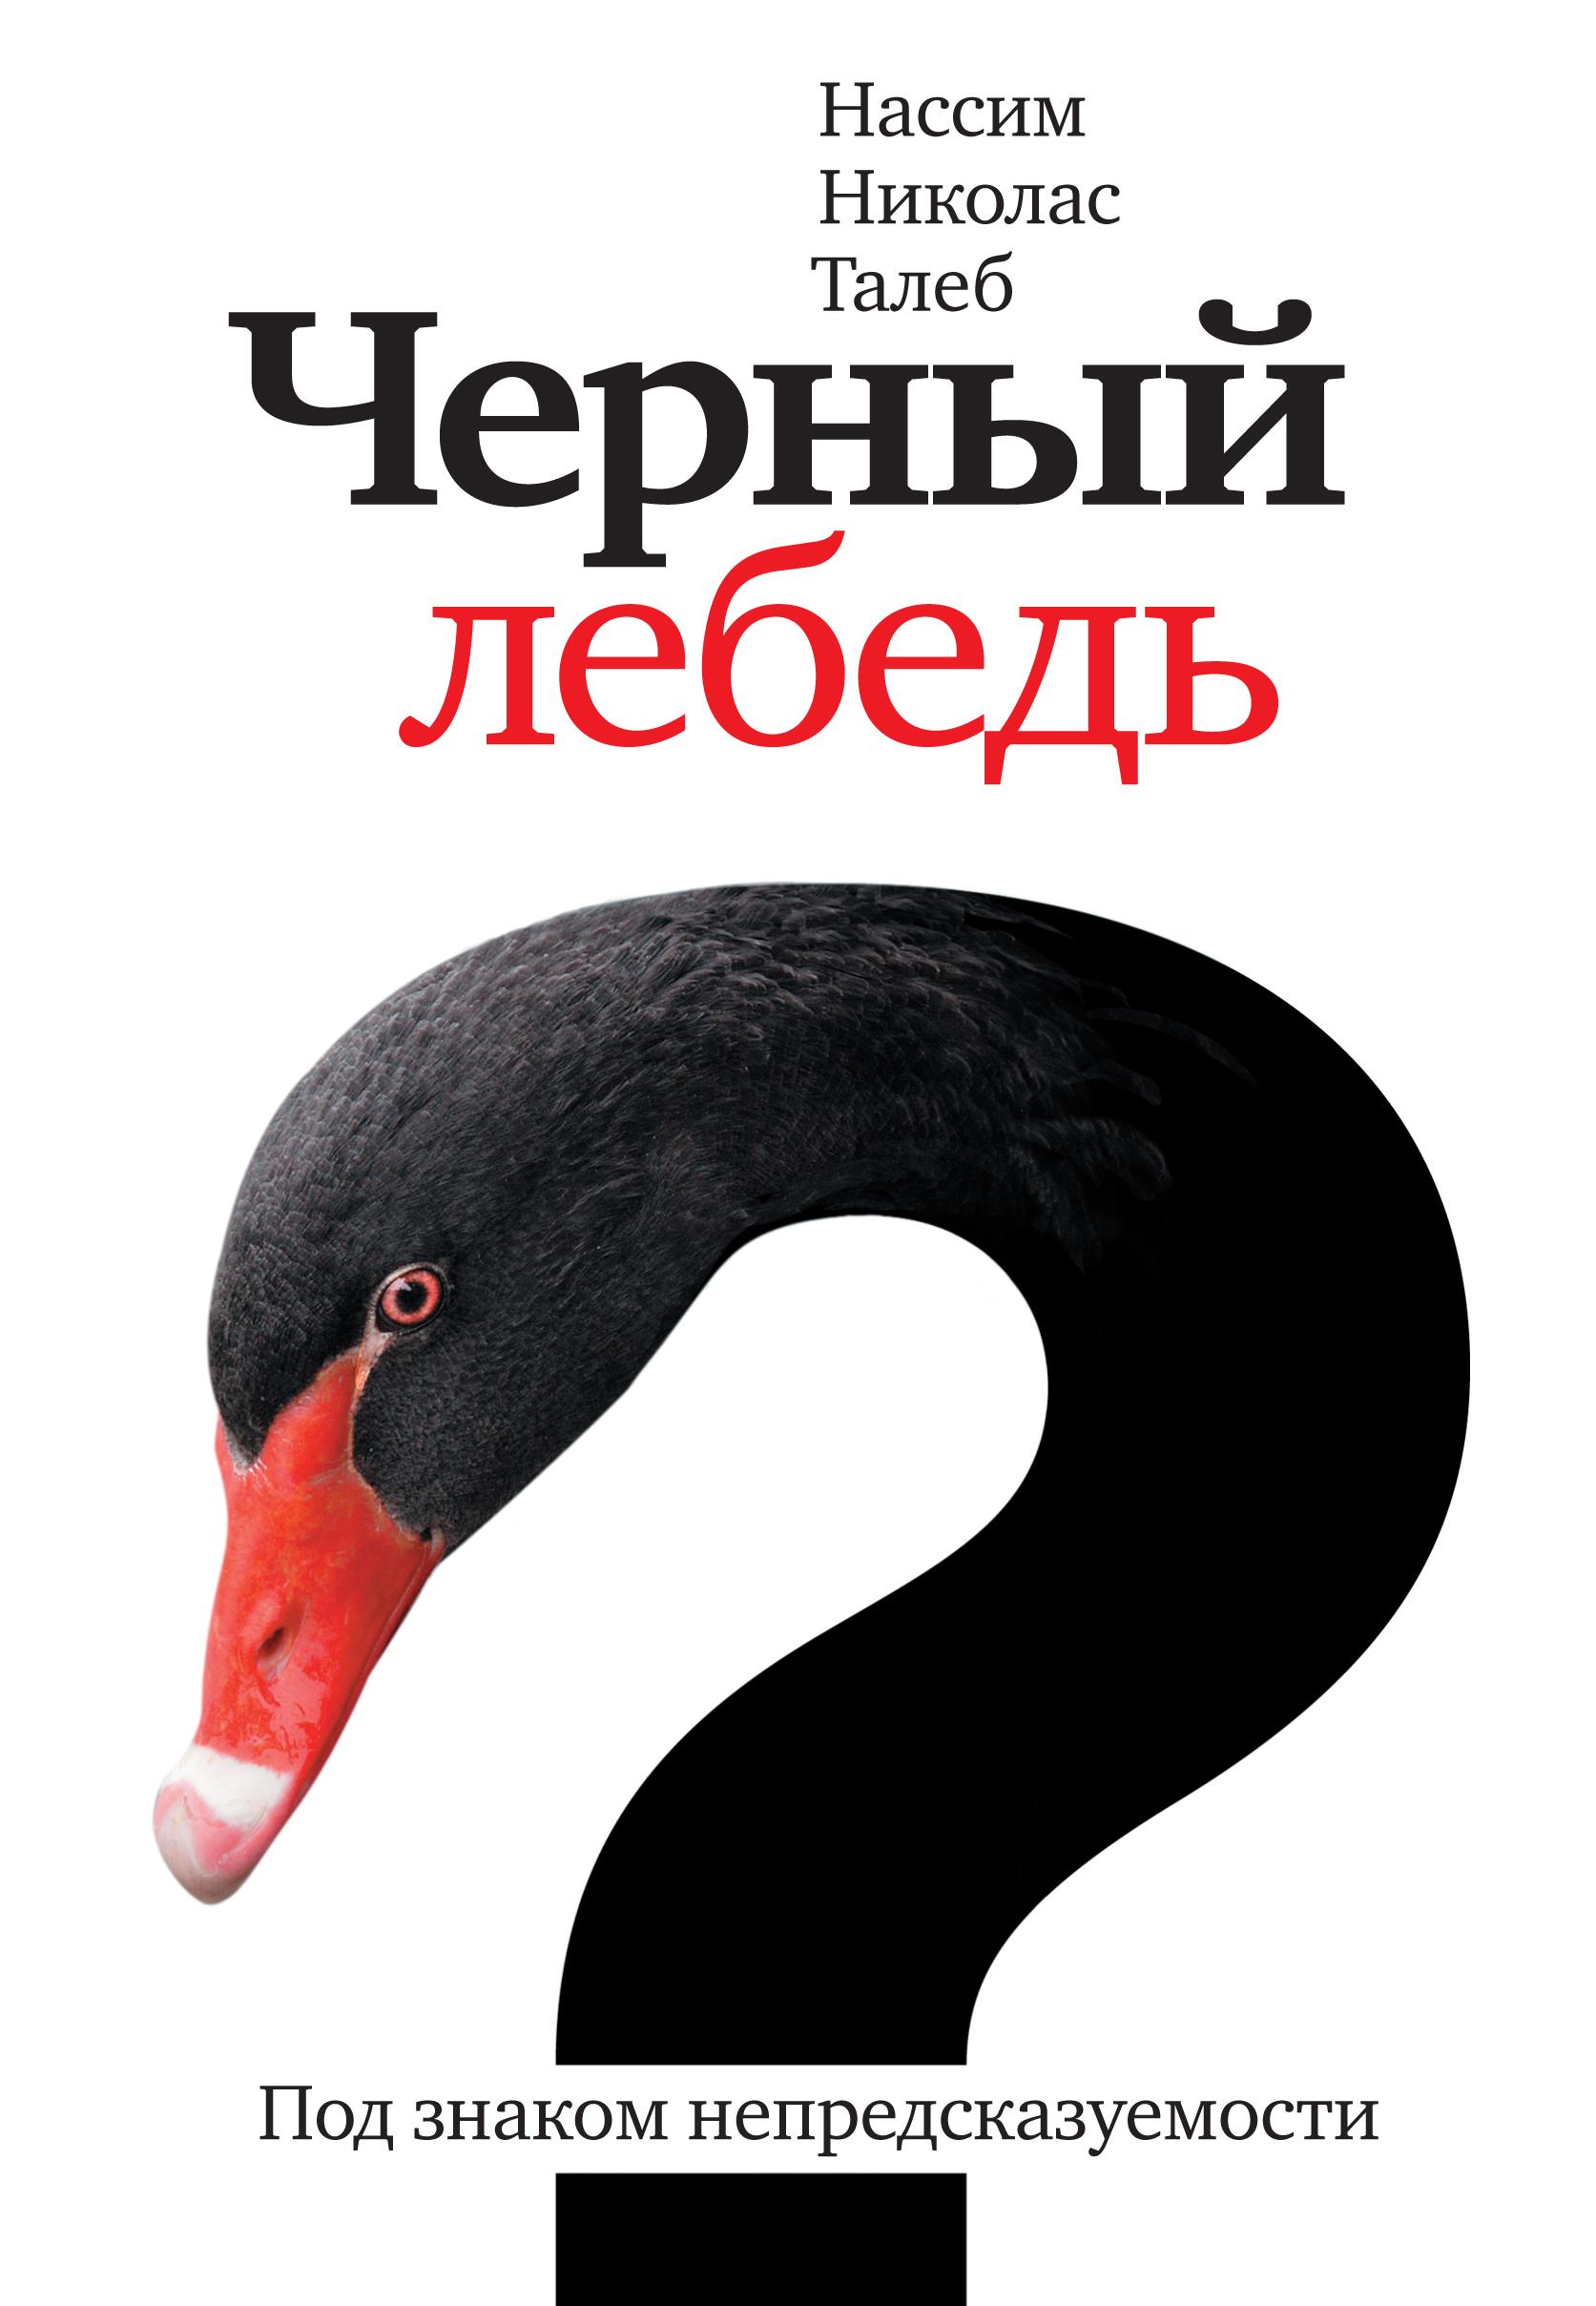 книга черный лебедь под знаком непредсказуемости